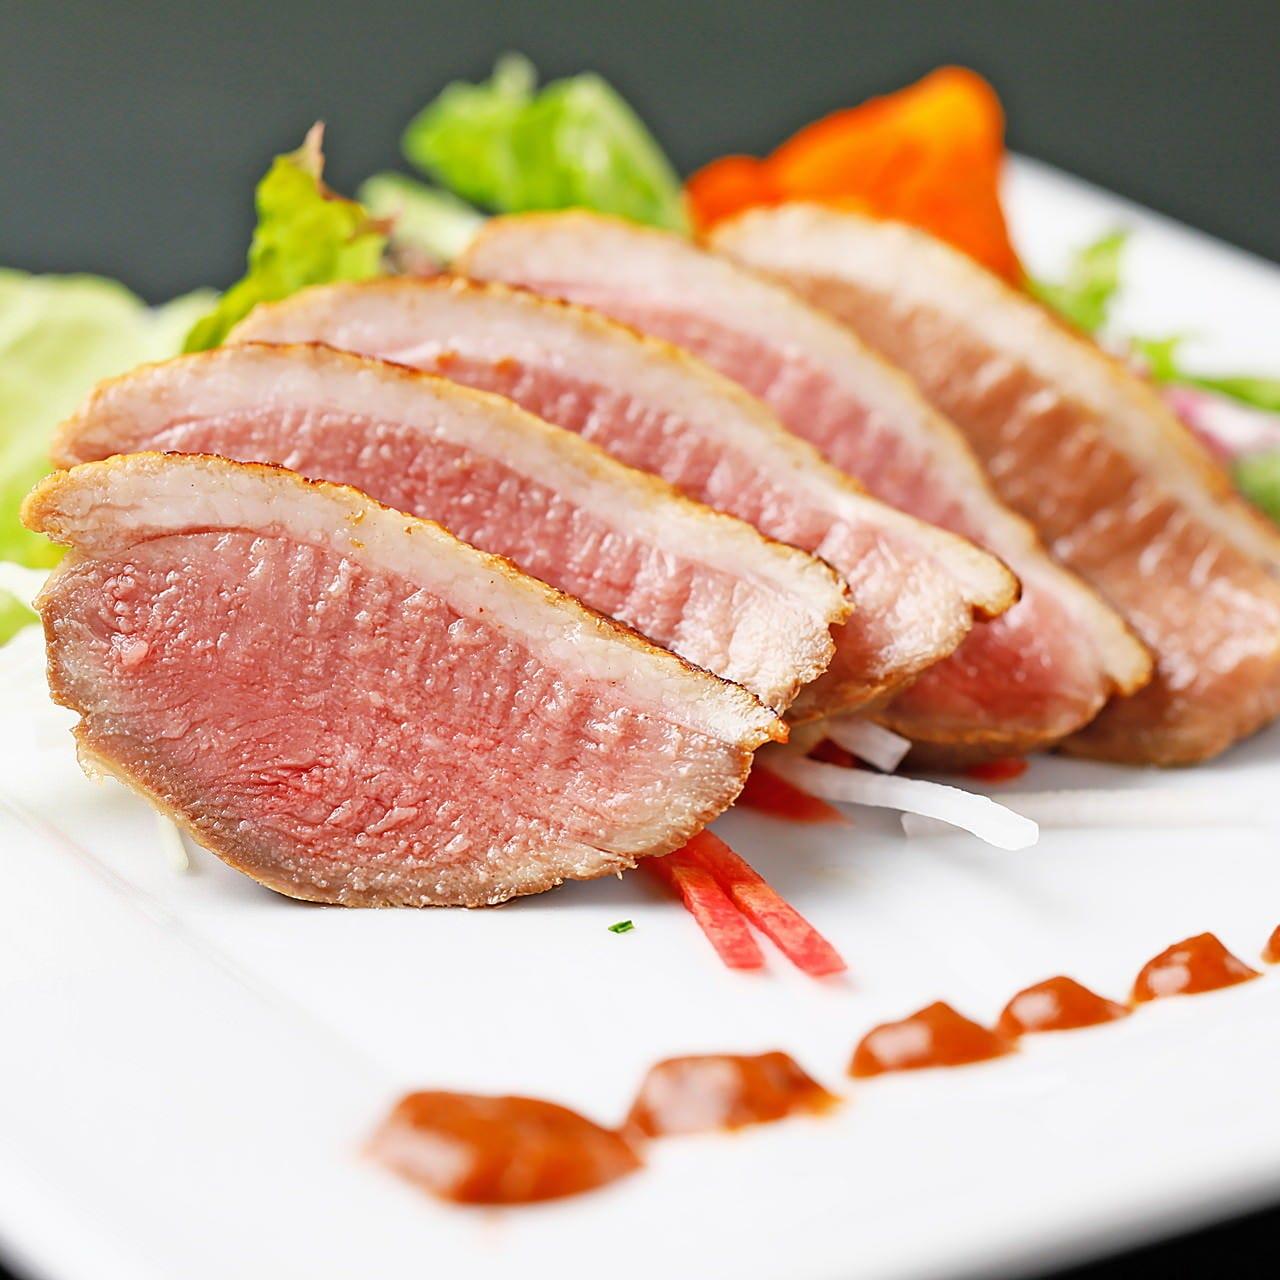 魚介や肉を使った逸品料理もおすすめ